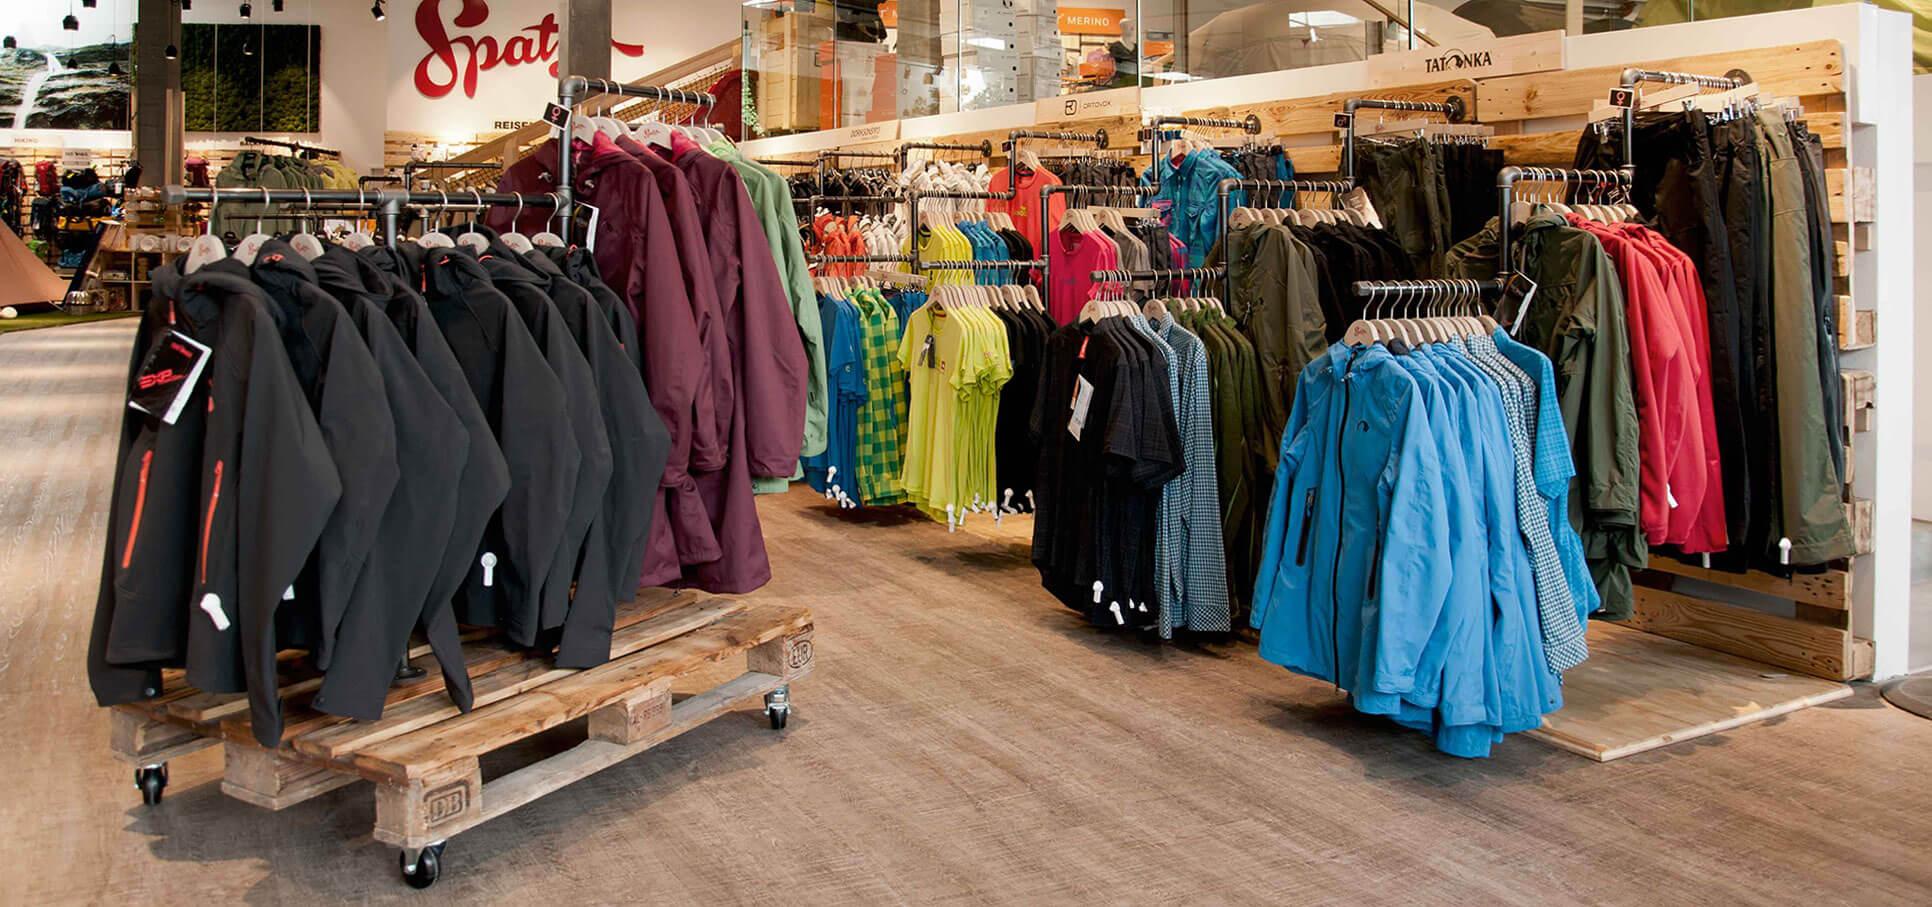 spatz-camping-outdoor-store-ladenbau-interiordesign-ladeneinrichtung02.jpg